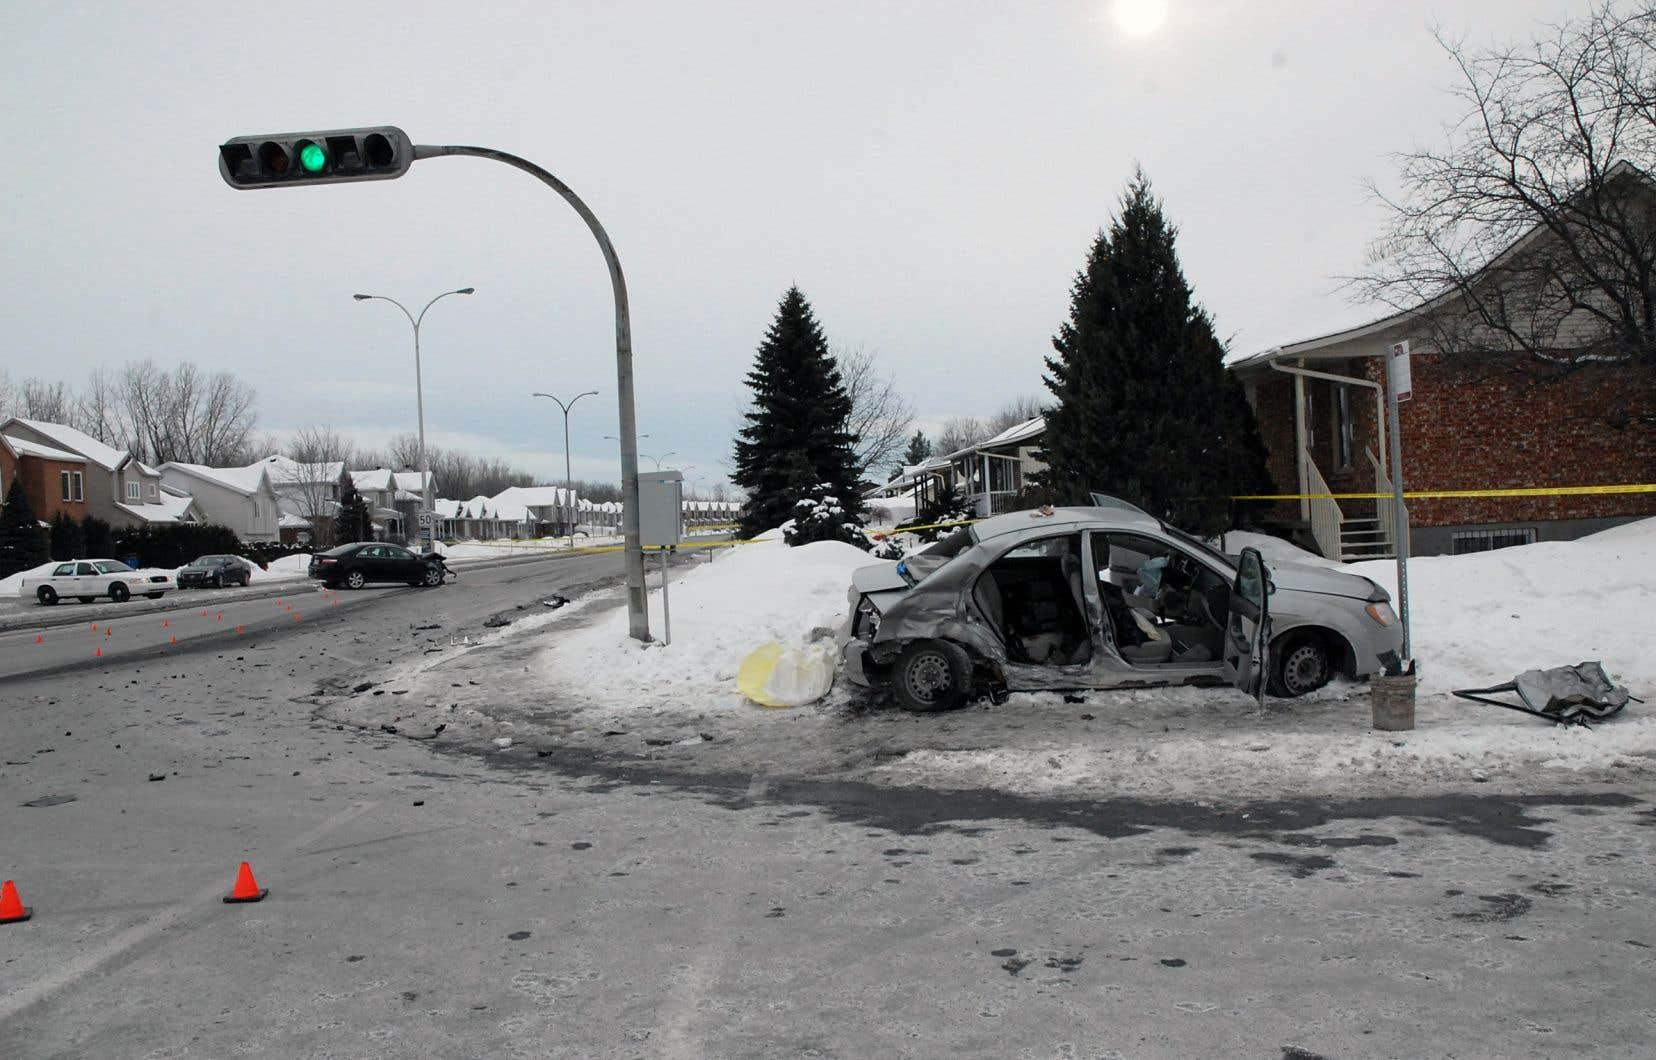 La scène de la collision qui a coûté la vie à un enfant de 5 ans le 13 février 2014. La voiture noire à gauche est celle du policier Patrick Ouellet. La grise est celle où l'enfantprenait place.